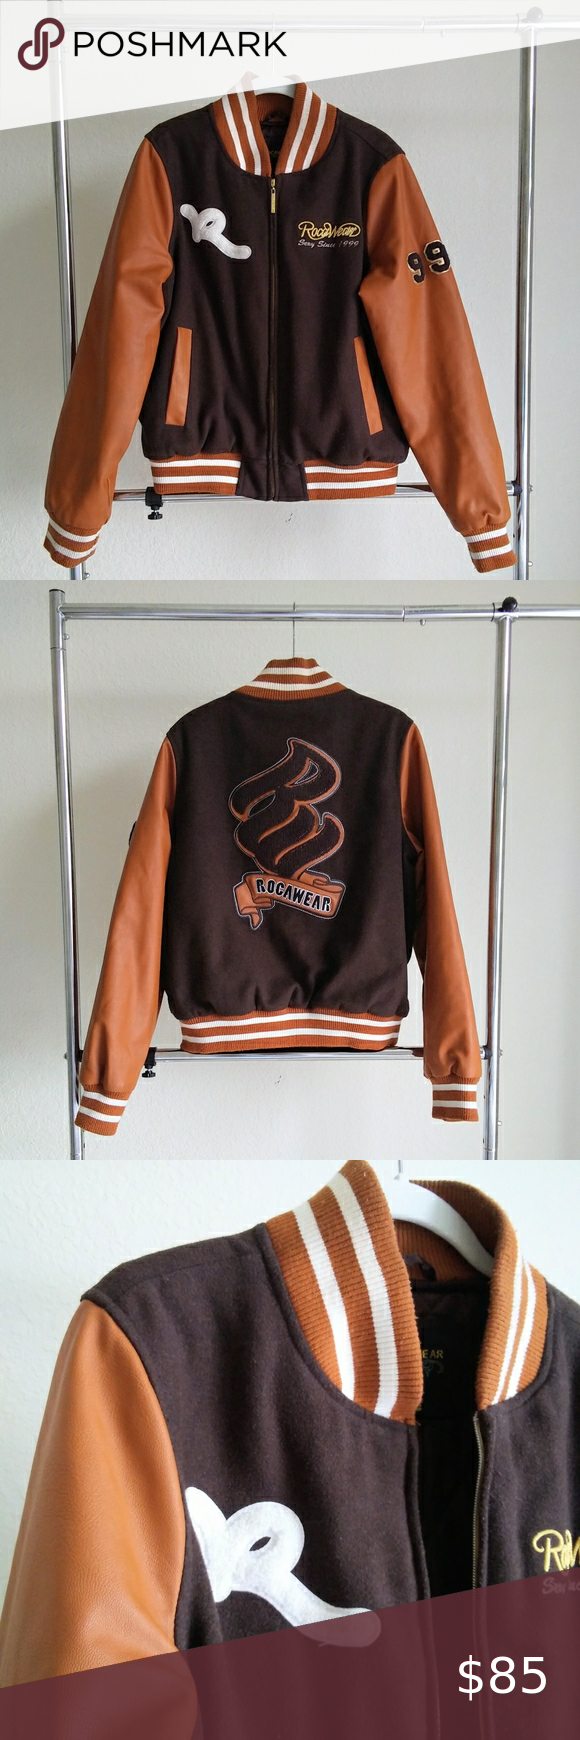 Vintage Rocawear Letterman Jacket Rocawear Jackets Letterman Jacket [ 1740 x 580 Pixel ]